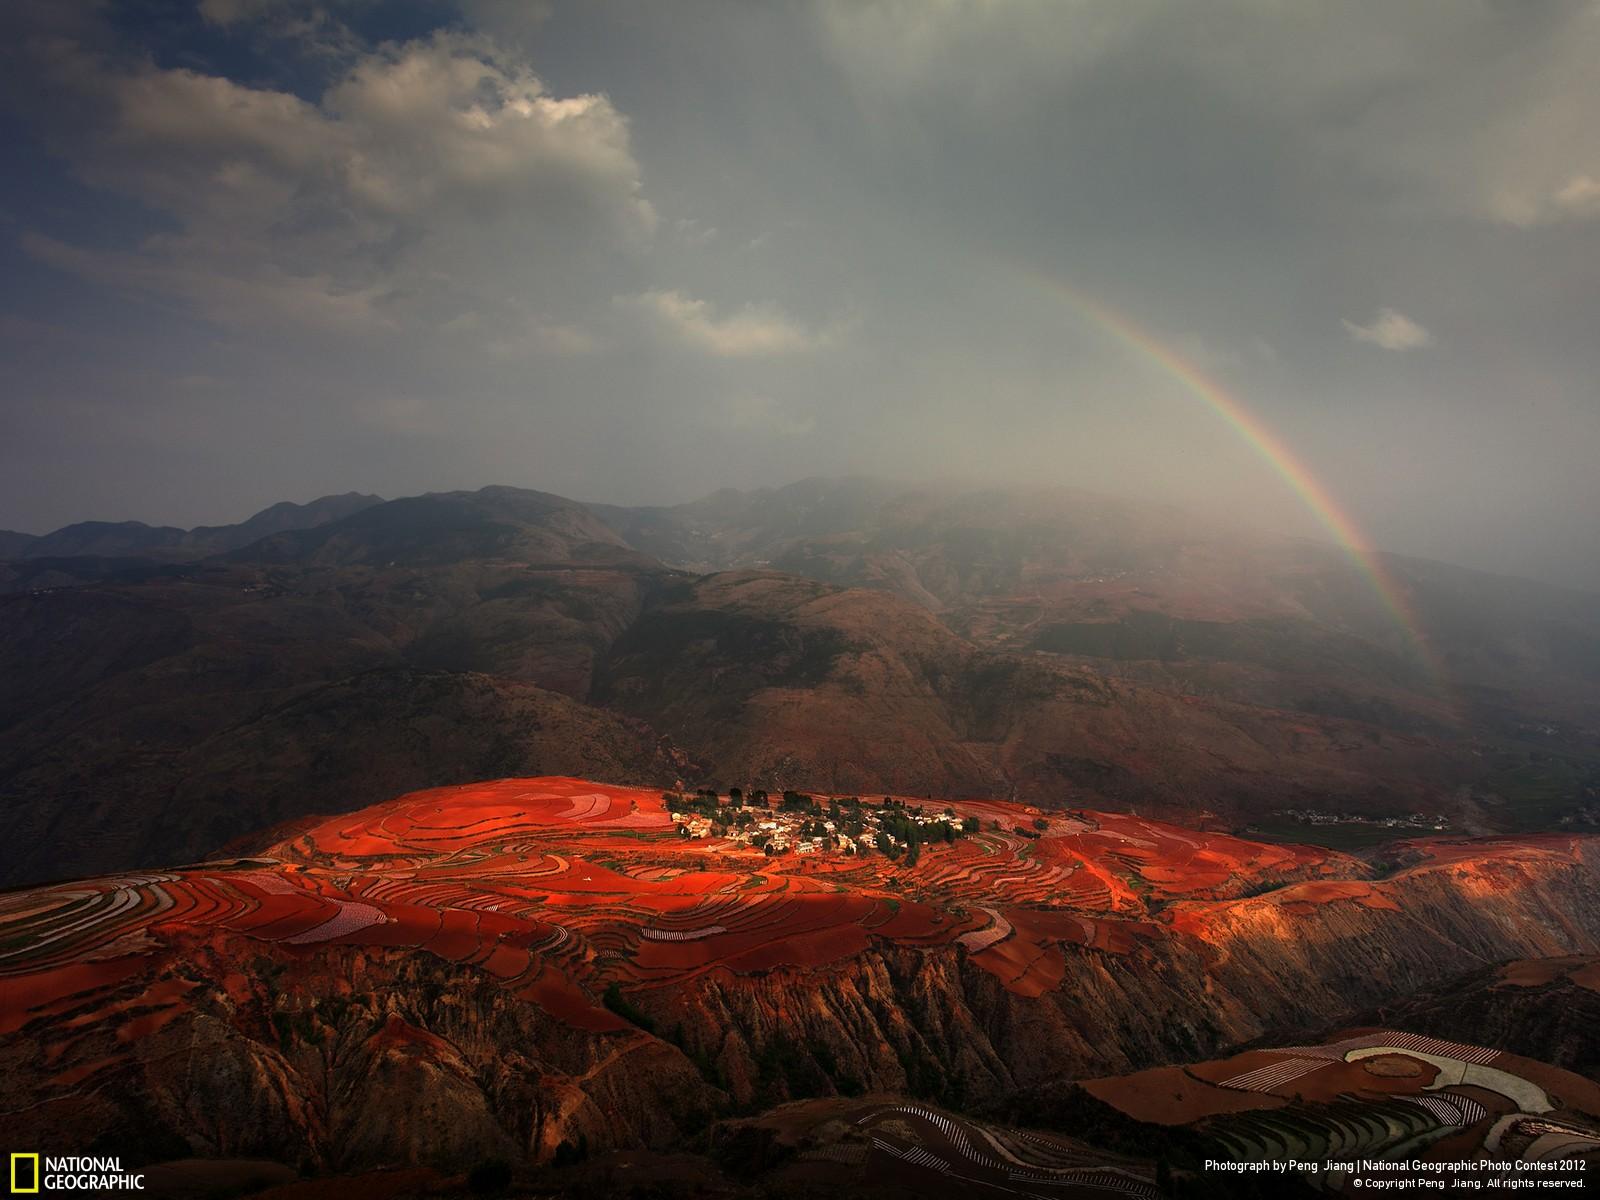 35 Лучшие фотографии за 2012 год по версии National Geographic